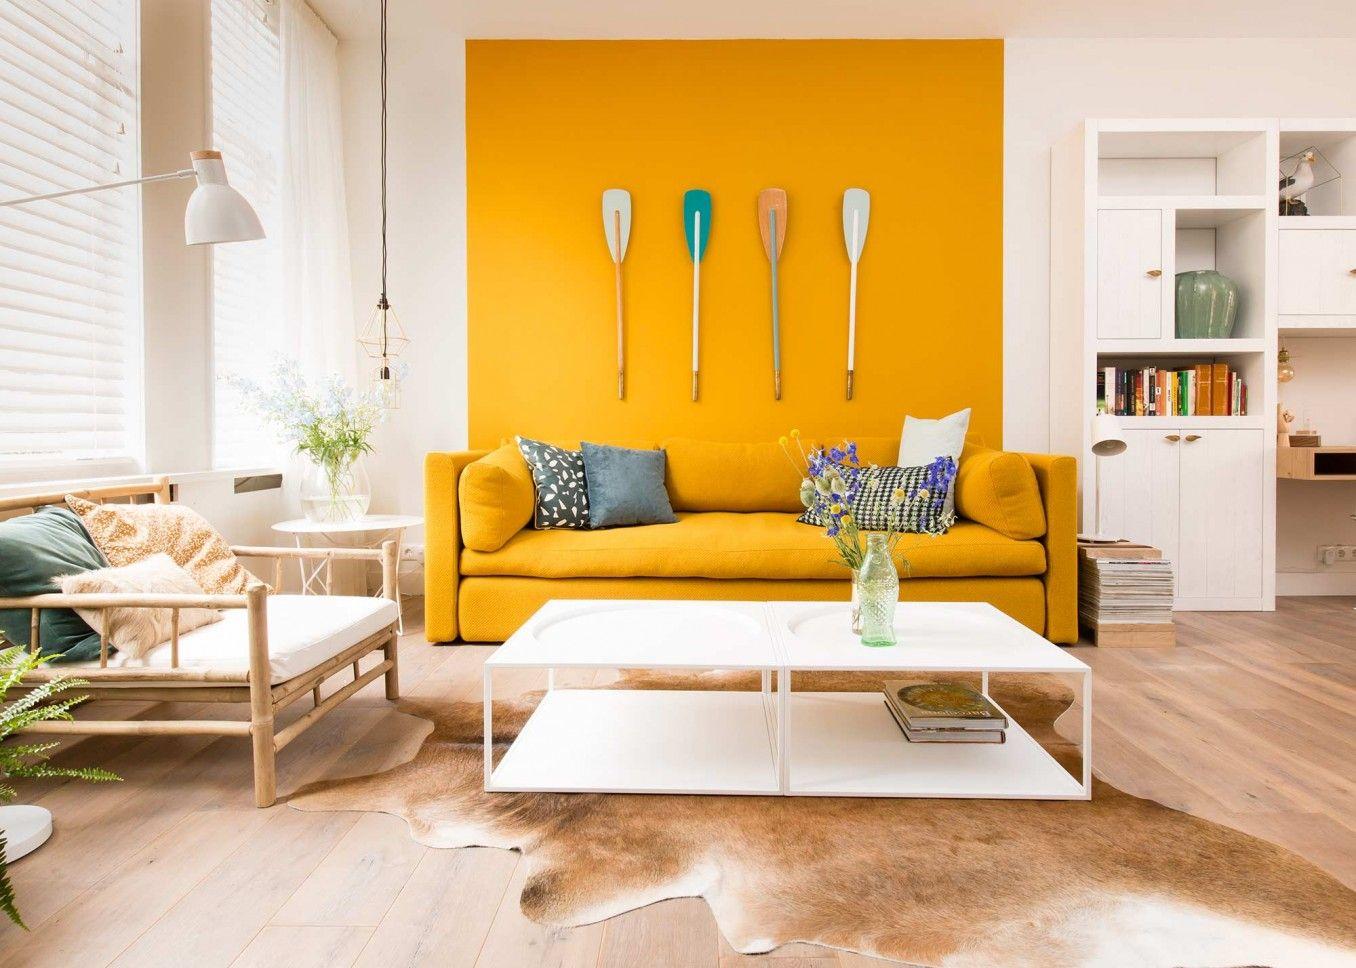 Gele bank en muur vtwonen interior design in 2019 home Woonideeen woonkamer